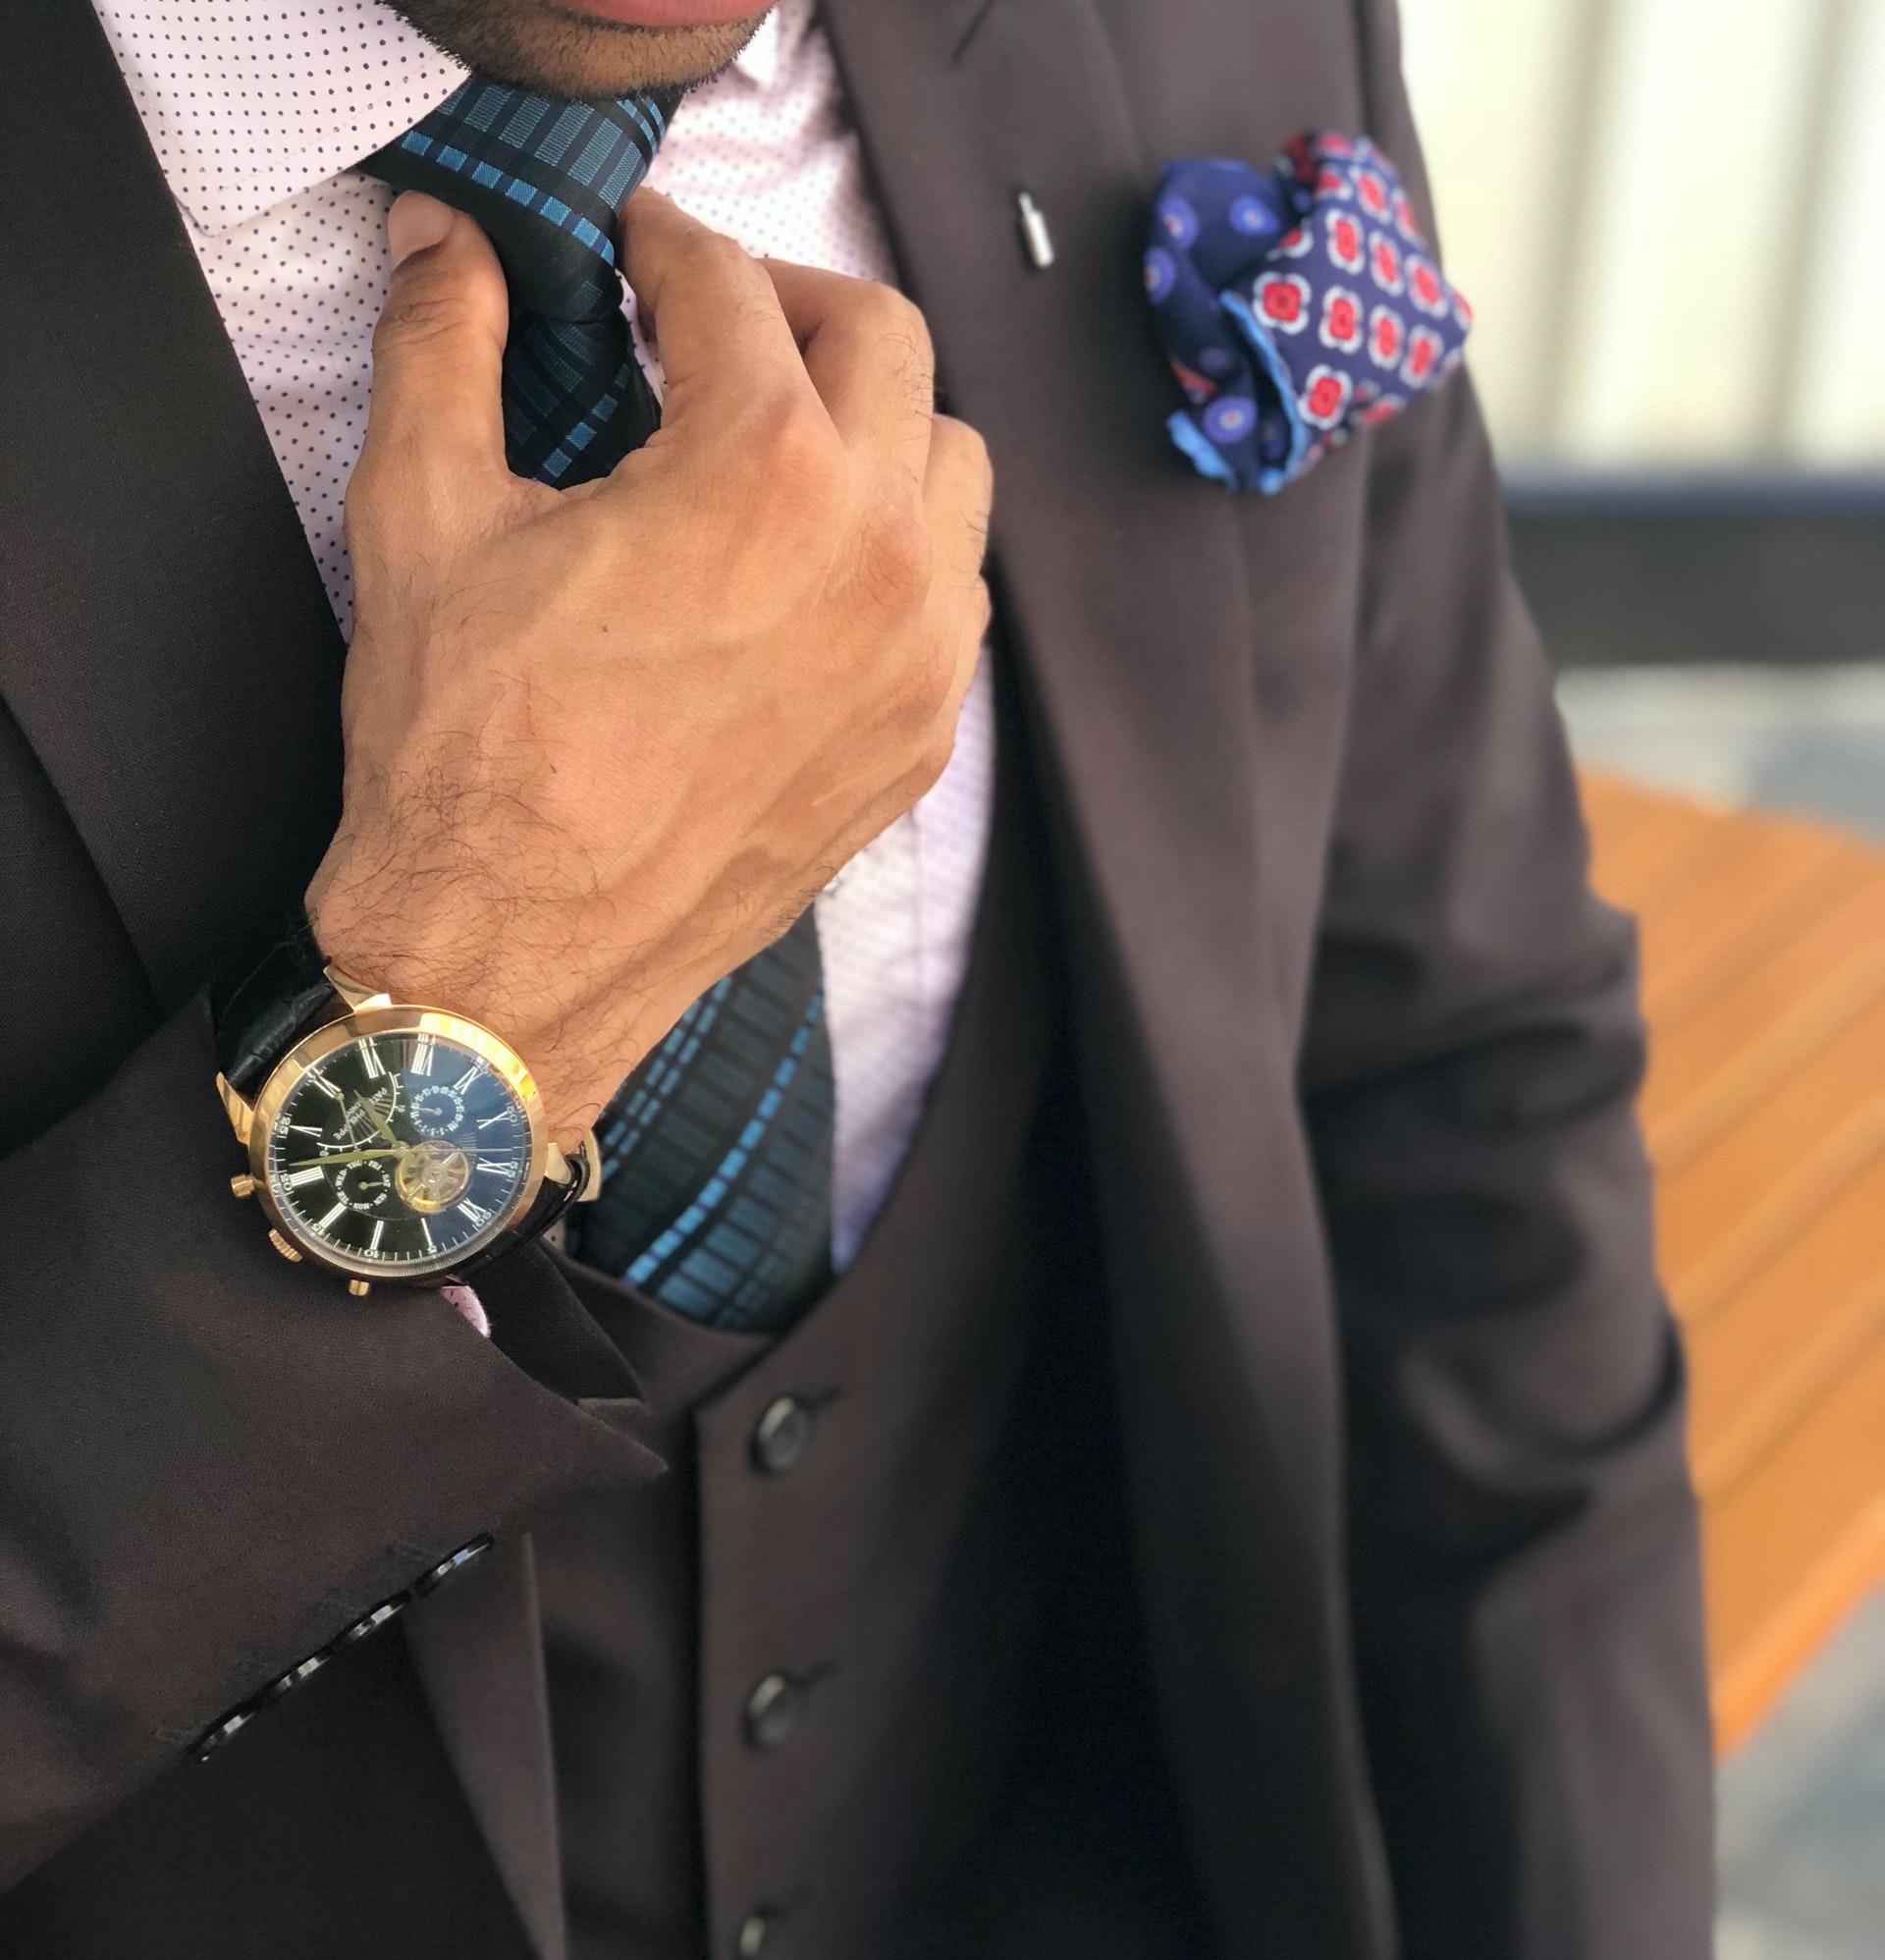 jakkesæt og påklædning